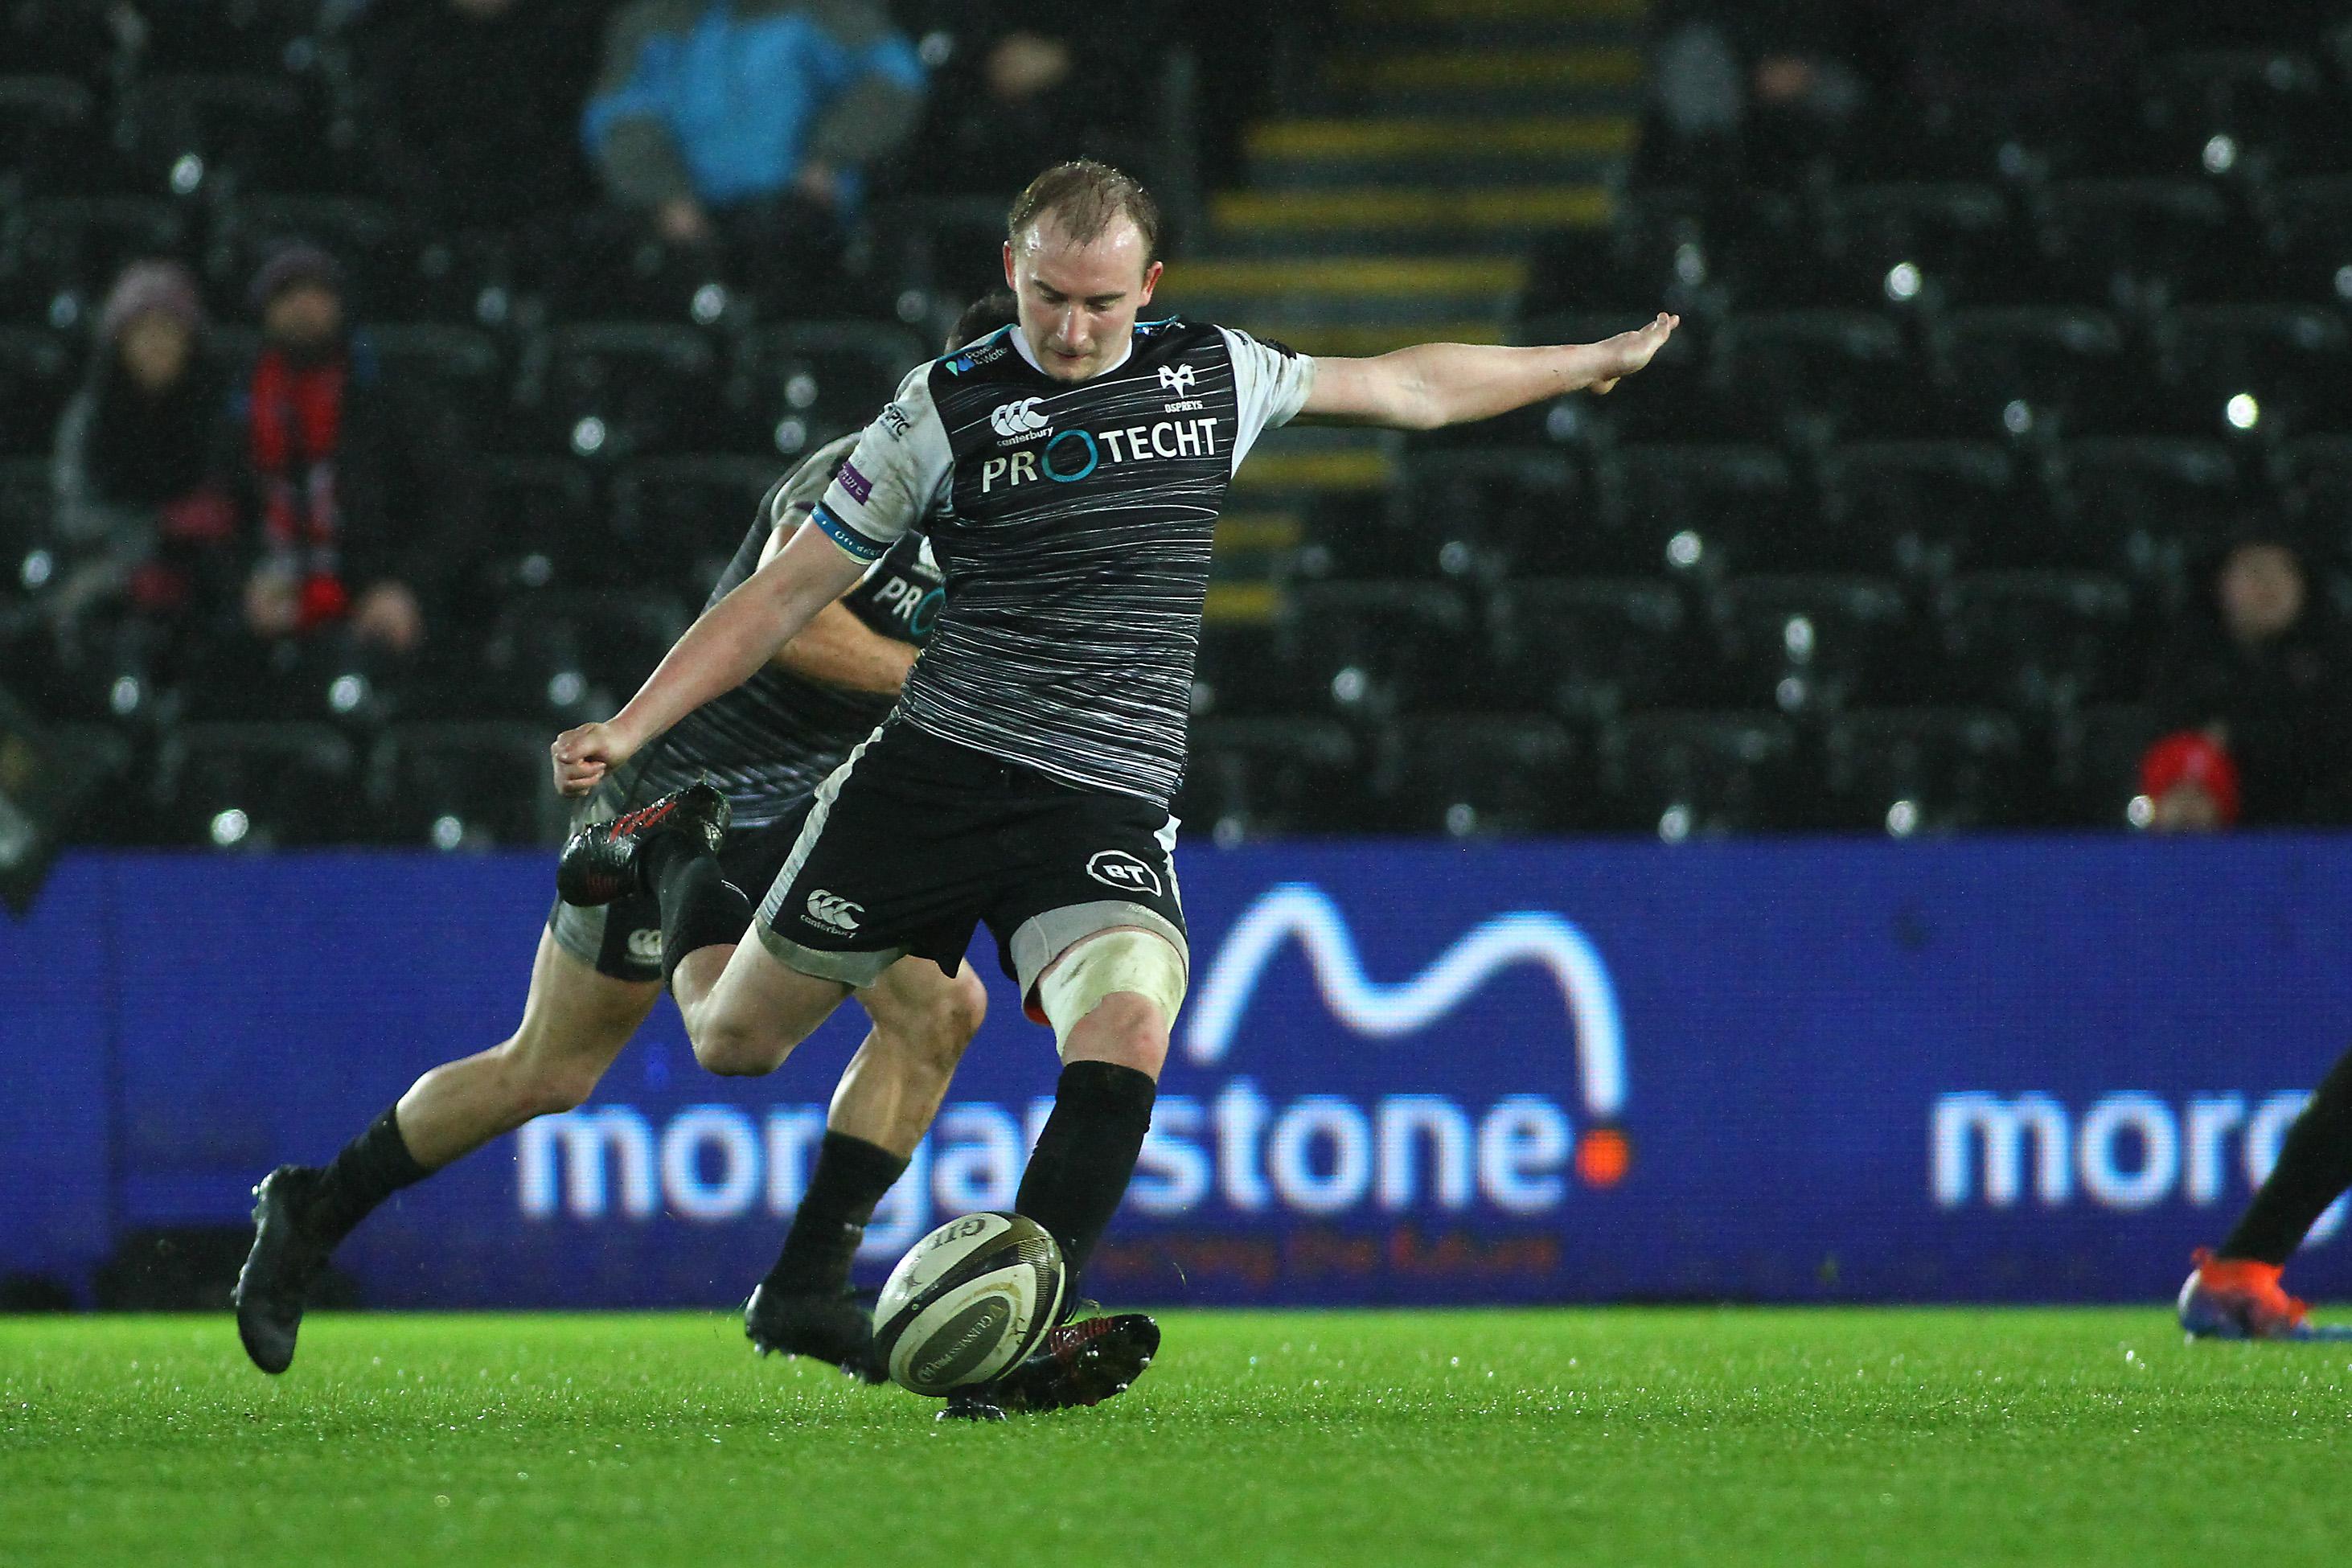 Luke Price Kick v Ulster